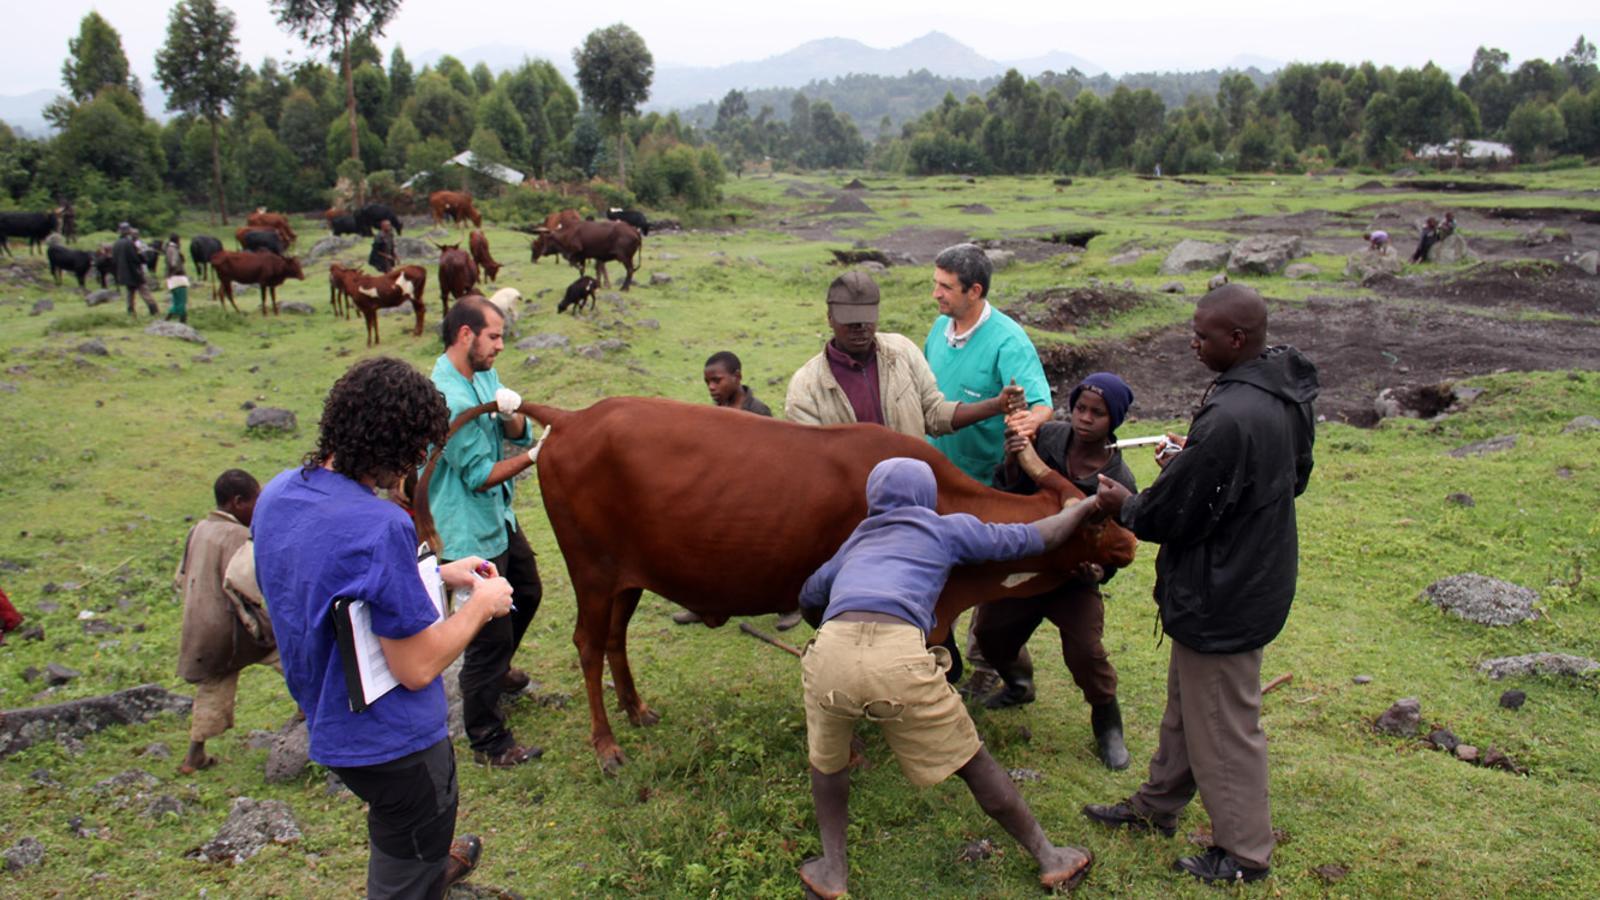 L'equip de Daktari agafant mostres d'una vaca a Mgahinga. / M. C. (ANA)